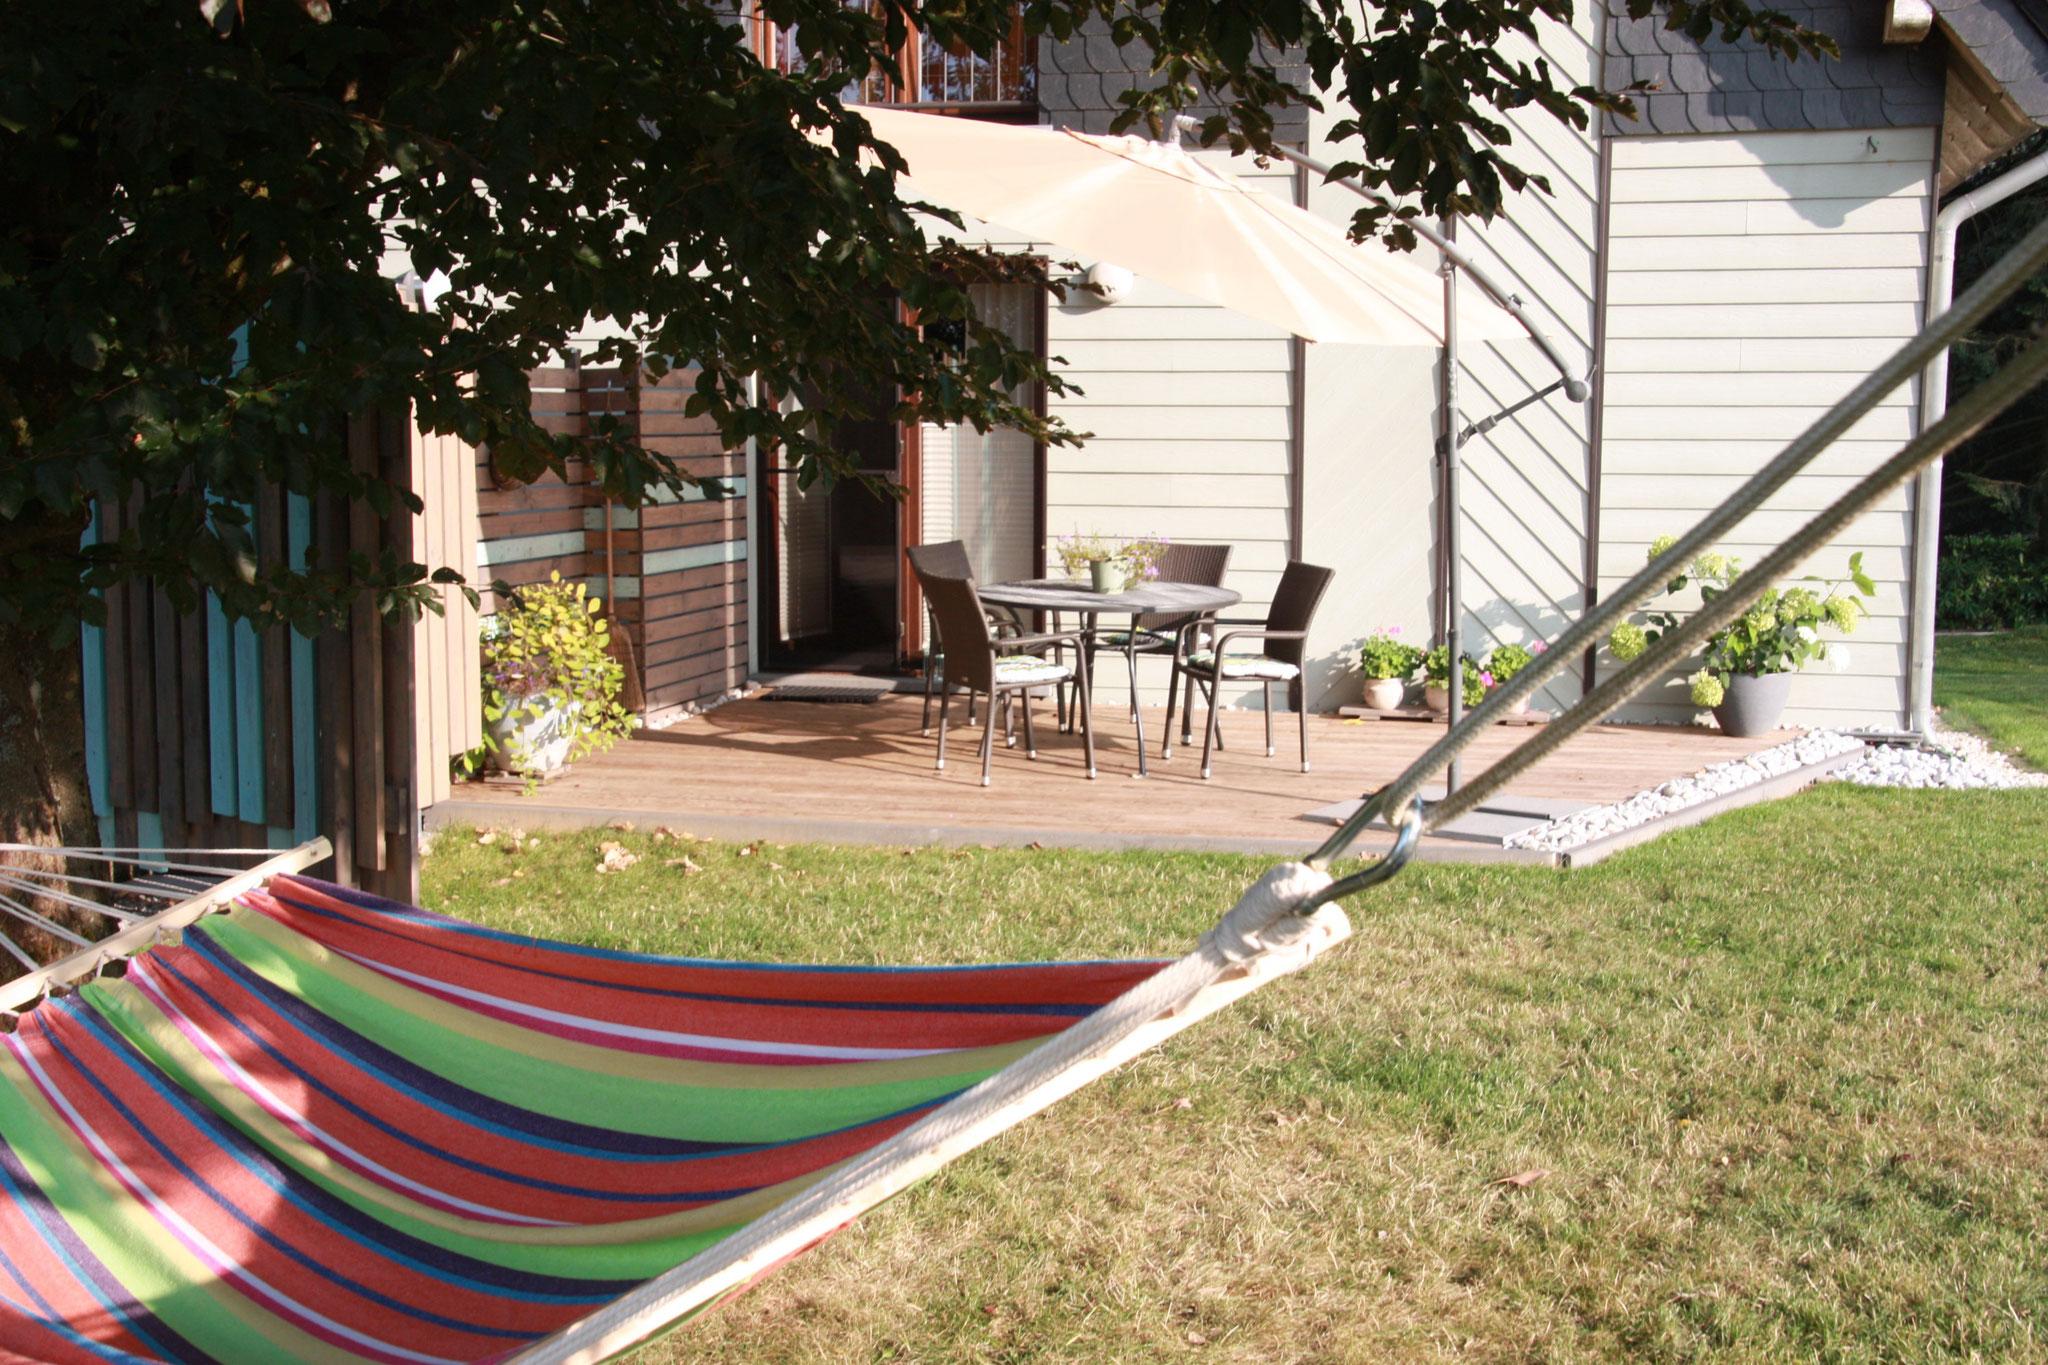 ... einfach mal die Seele baumeln lassen | ... the right place to unwind. | ... een prima plekje om te ontspannen.